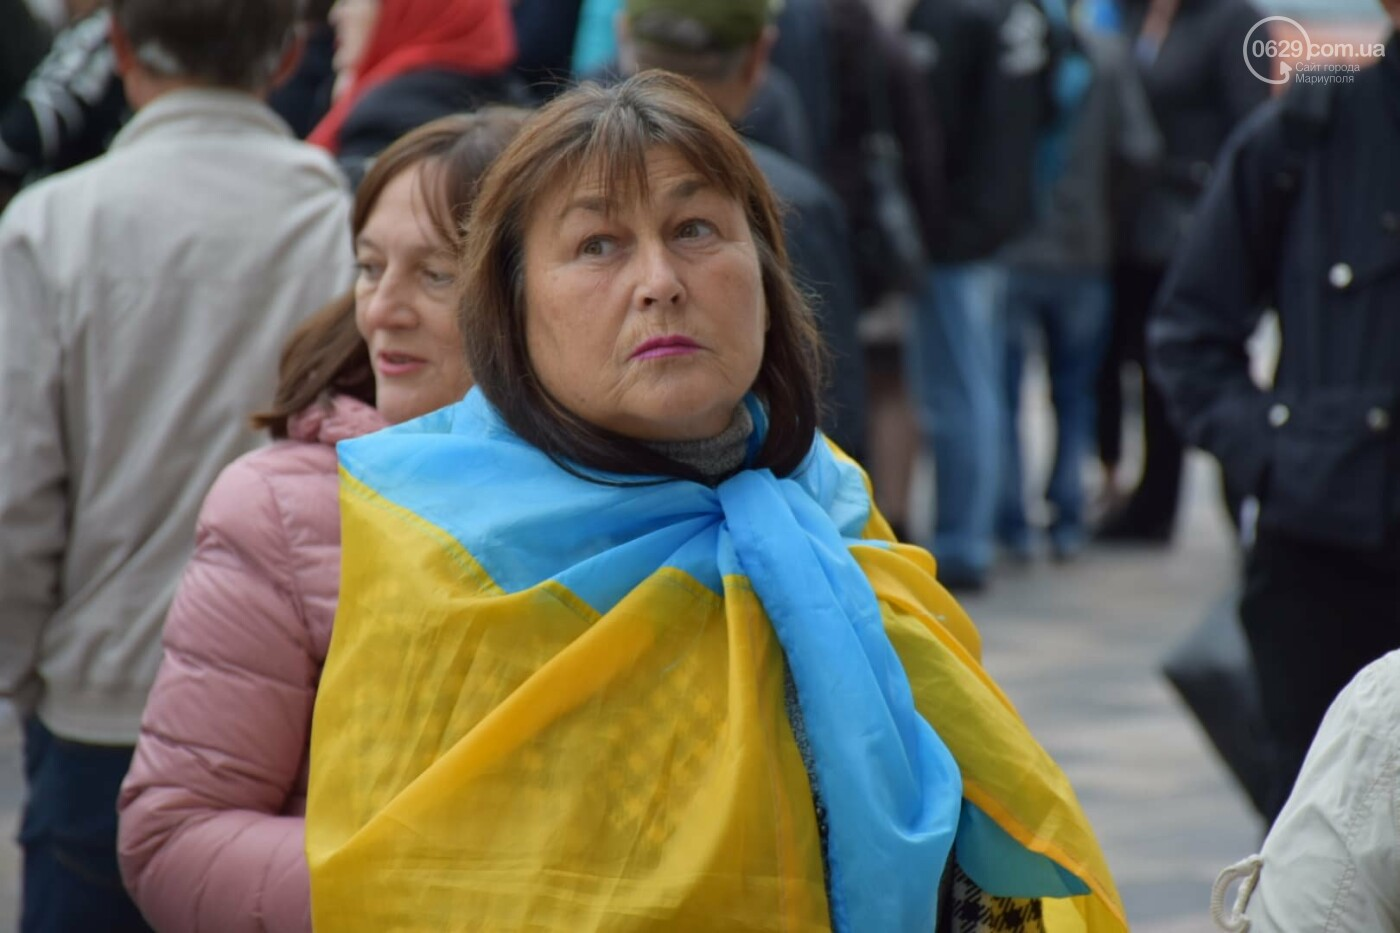 #НiКапітуляції. В Мариуполе прошел митинг против формулы Штайнмайера, - ФОТОРЕПОРТАЖ, фото-30